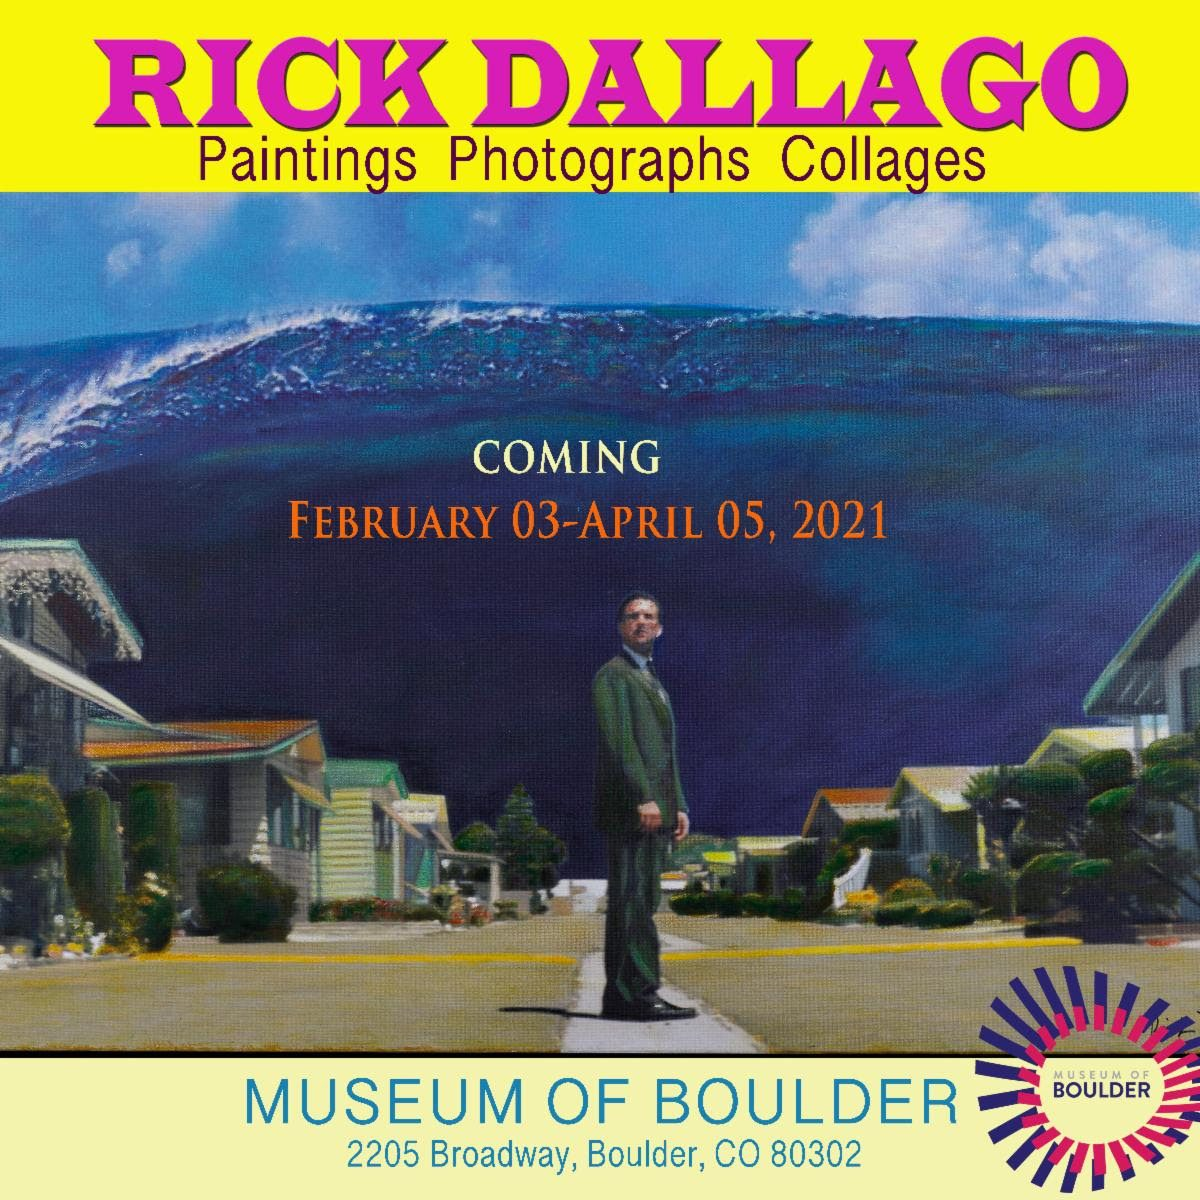 Rick Dallago